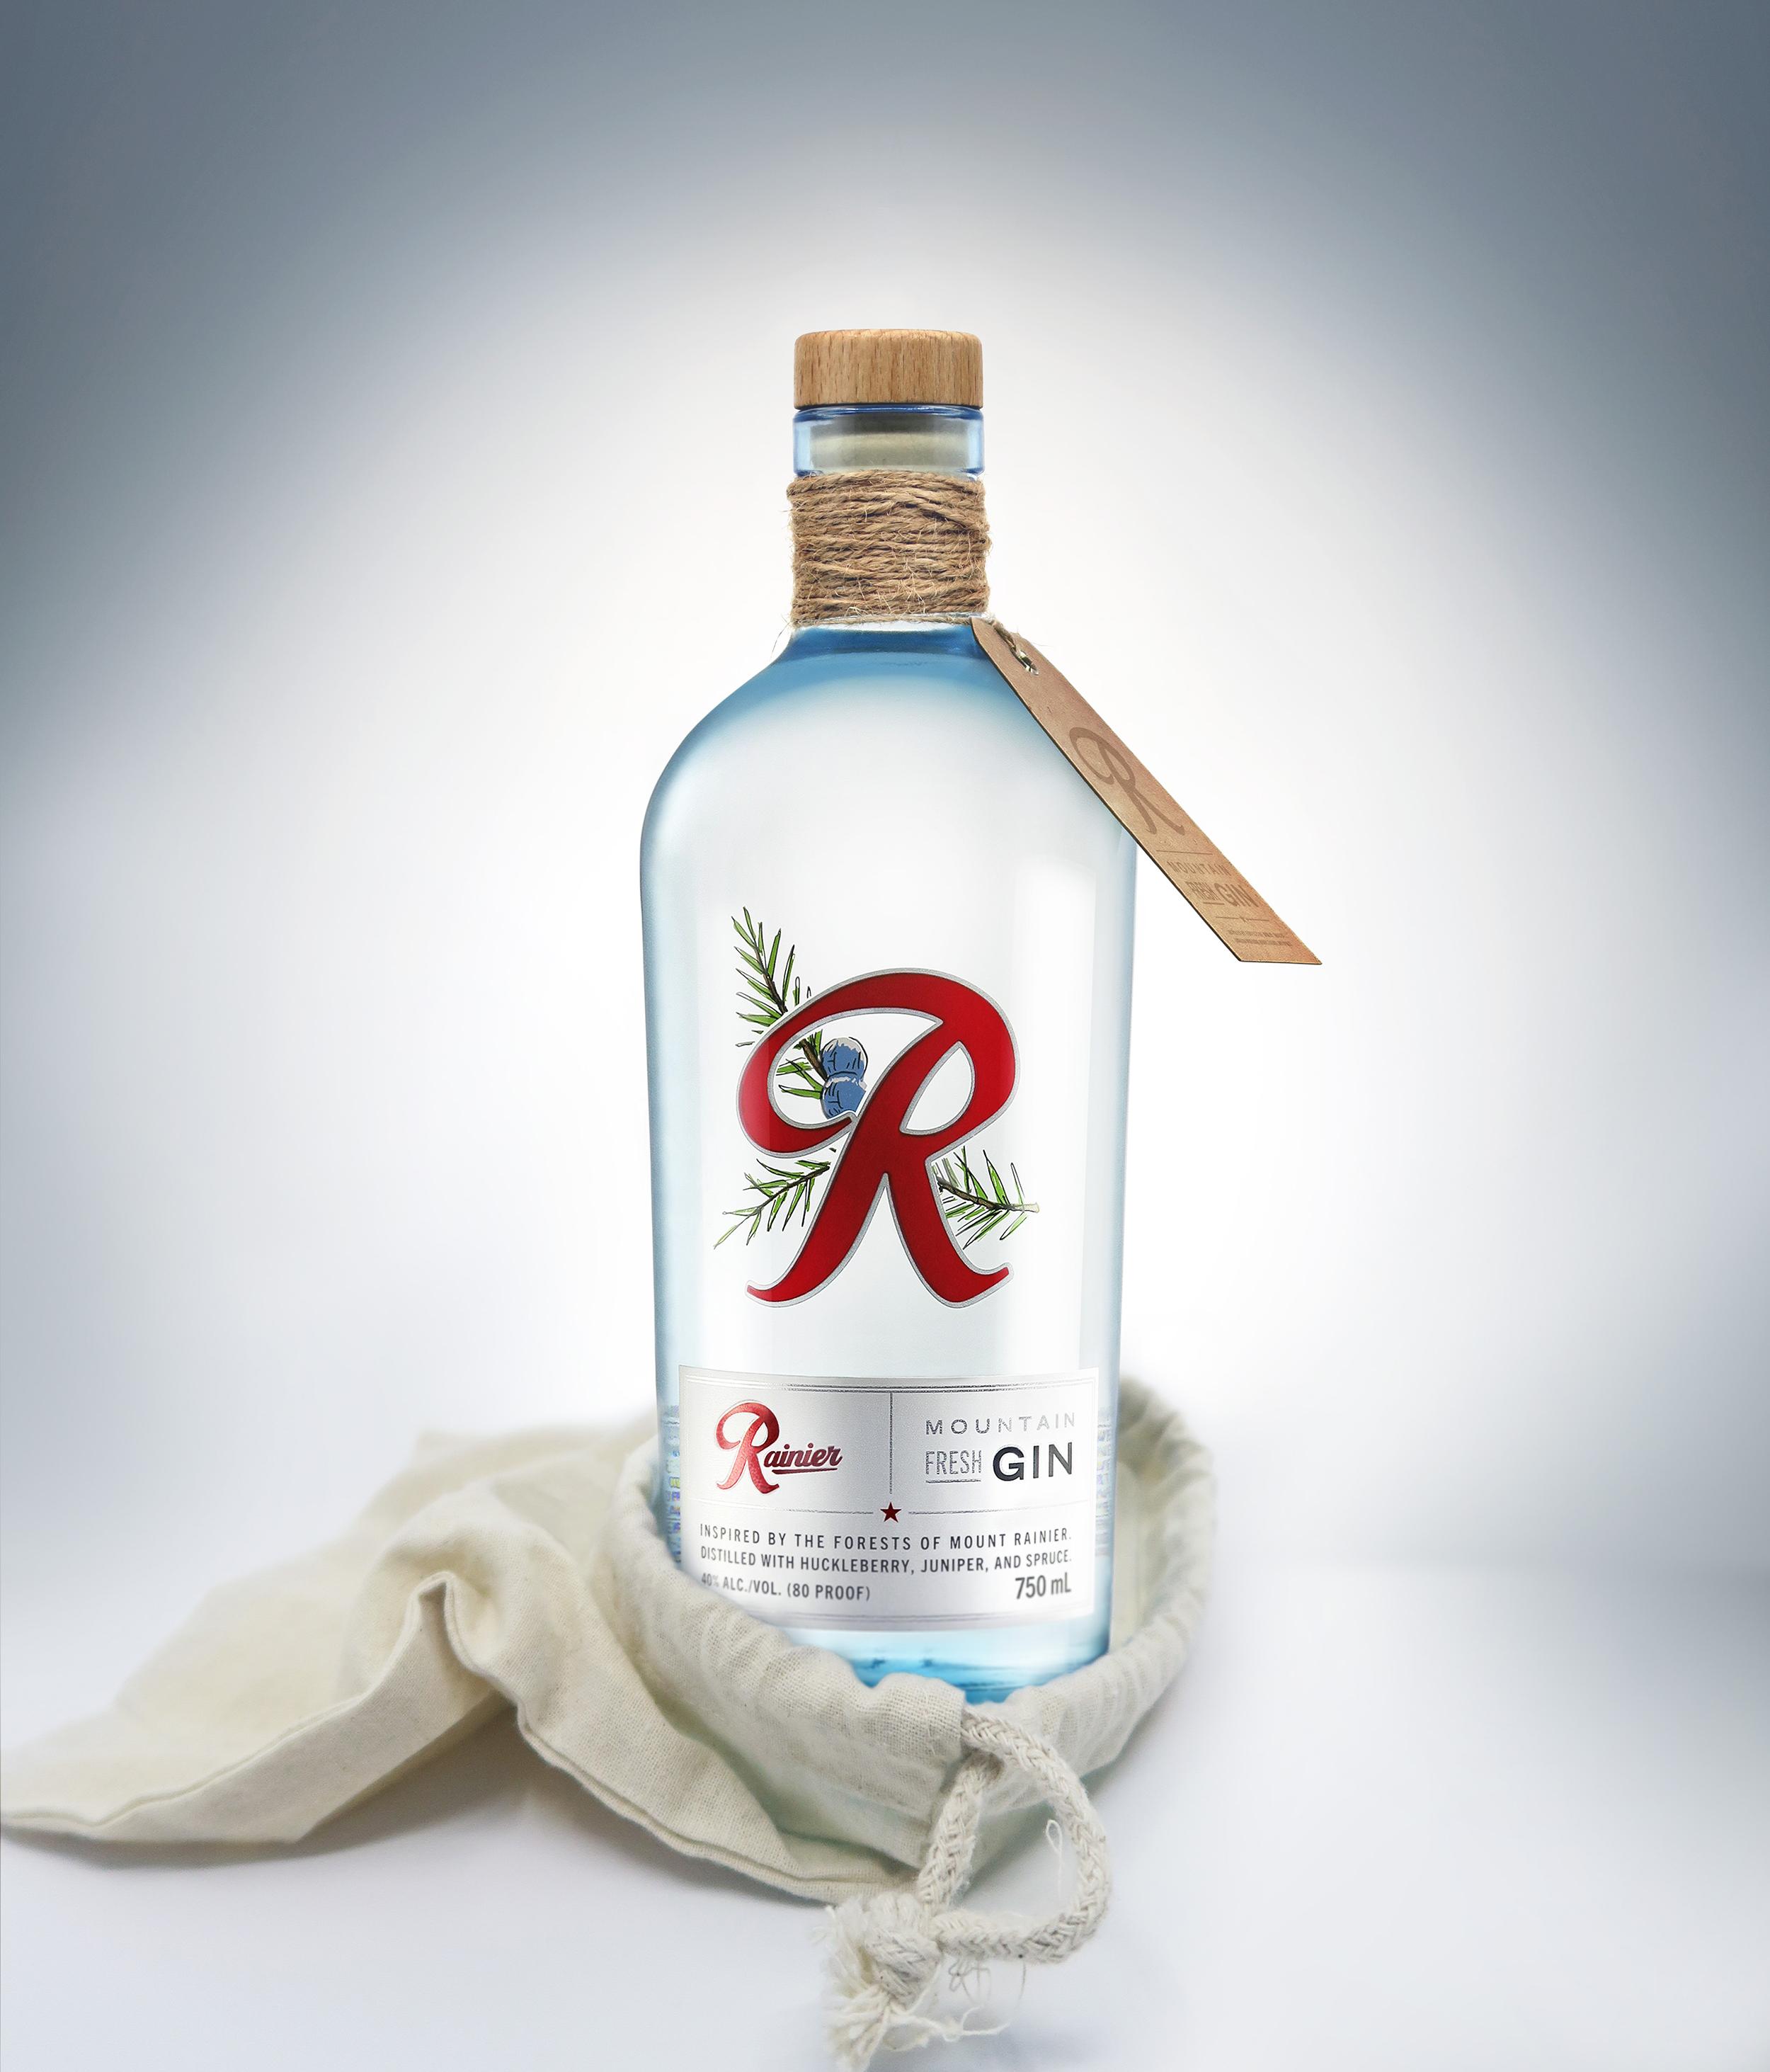 Barker Brand Partnerships Create Packaging Design for Rainier Mountain Fresh Gin